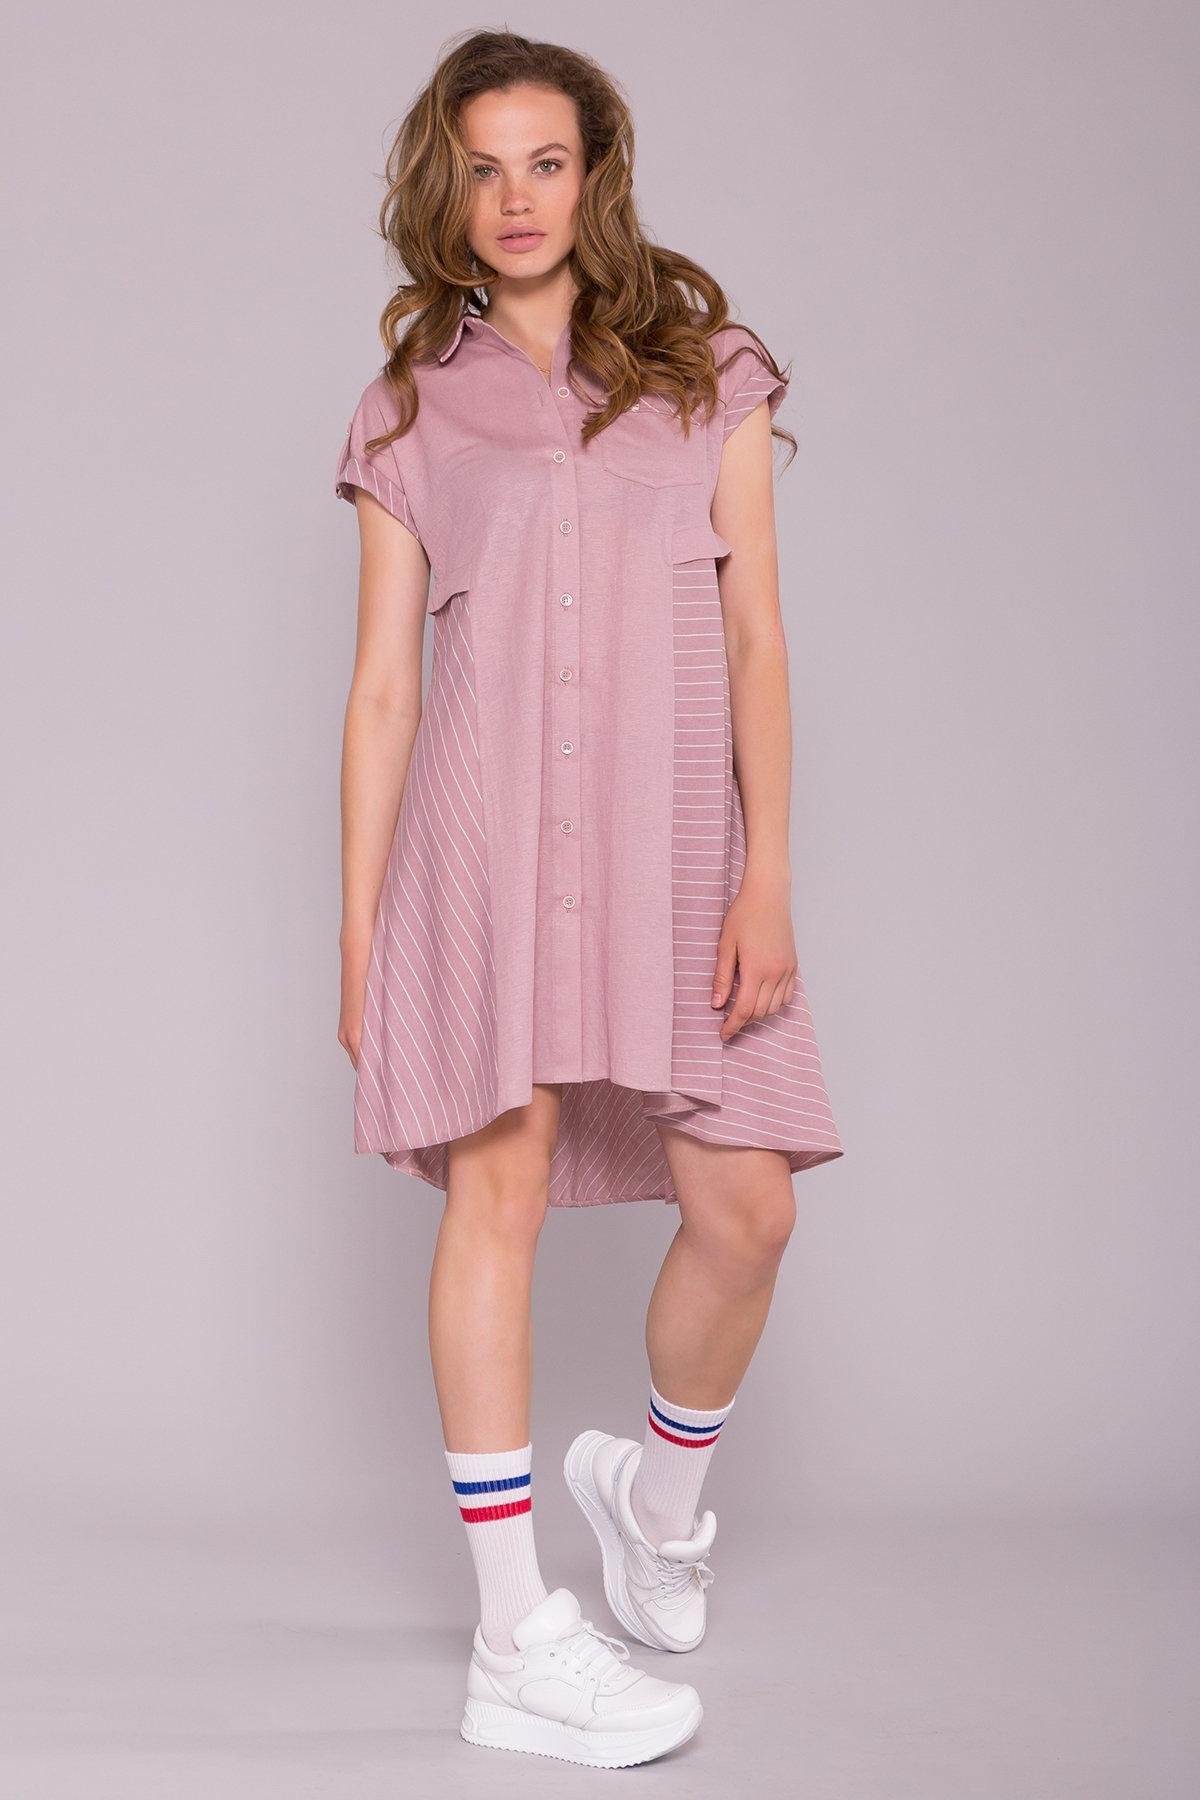 Купить платье в Харькове Платье Грея 7142